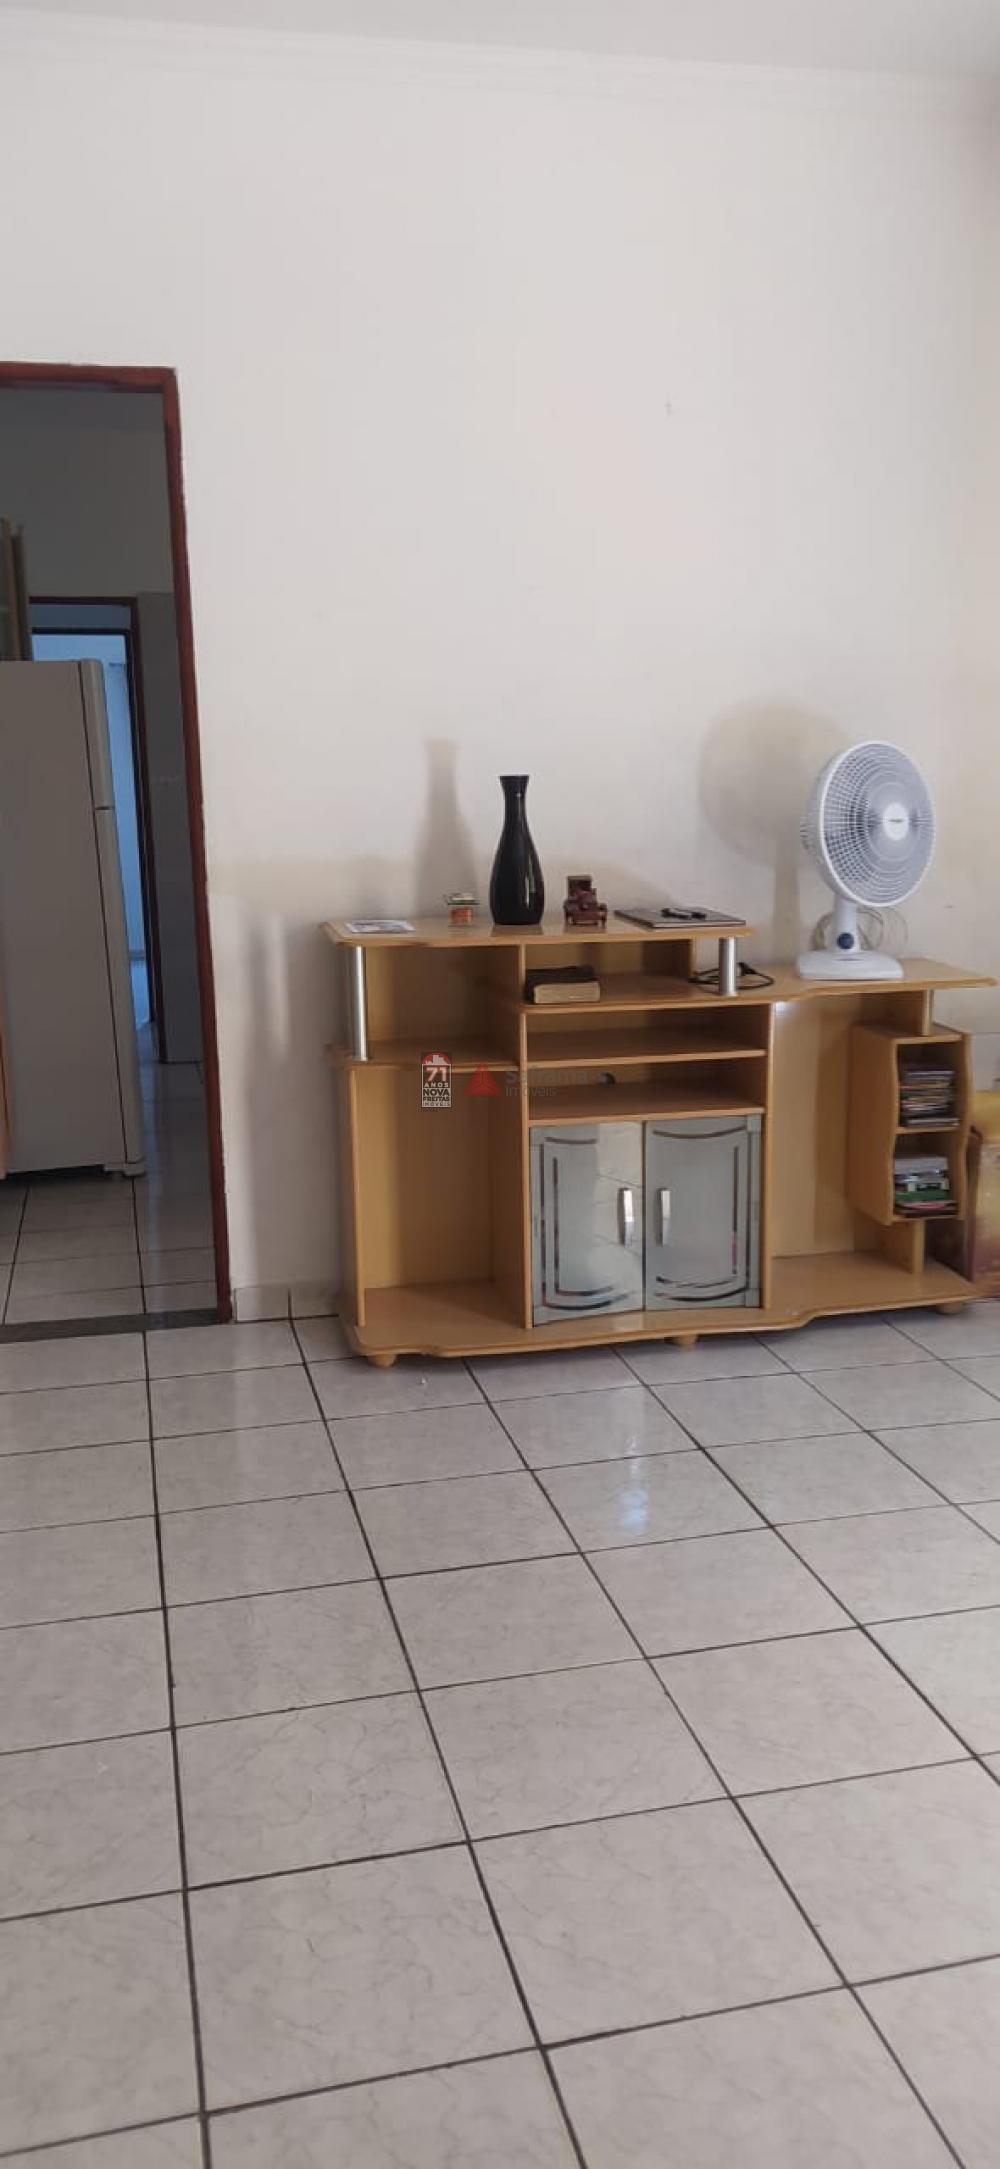 Comprar Casa / Padrão em São José dos Campos apenas R$ 276.000,00 - Foto 1